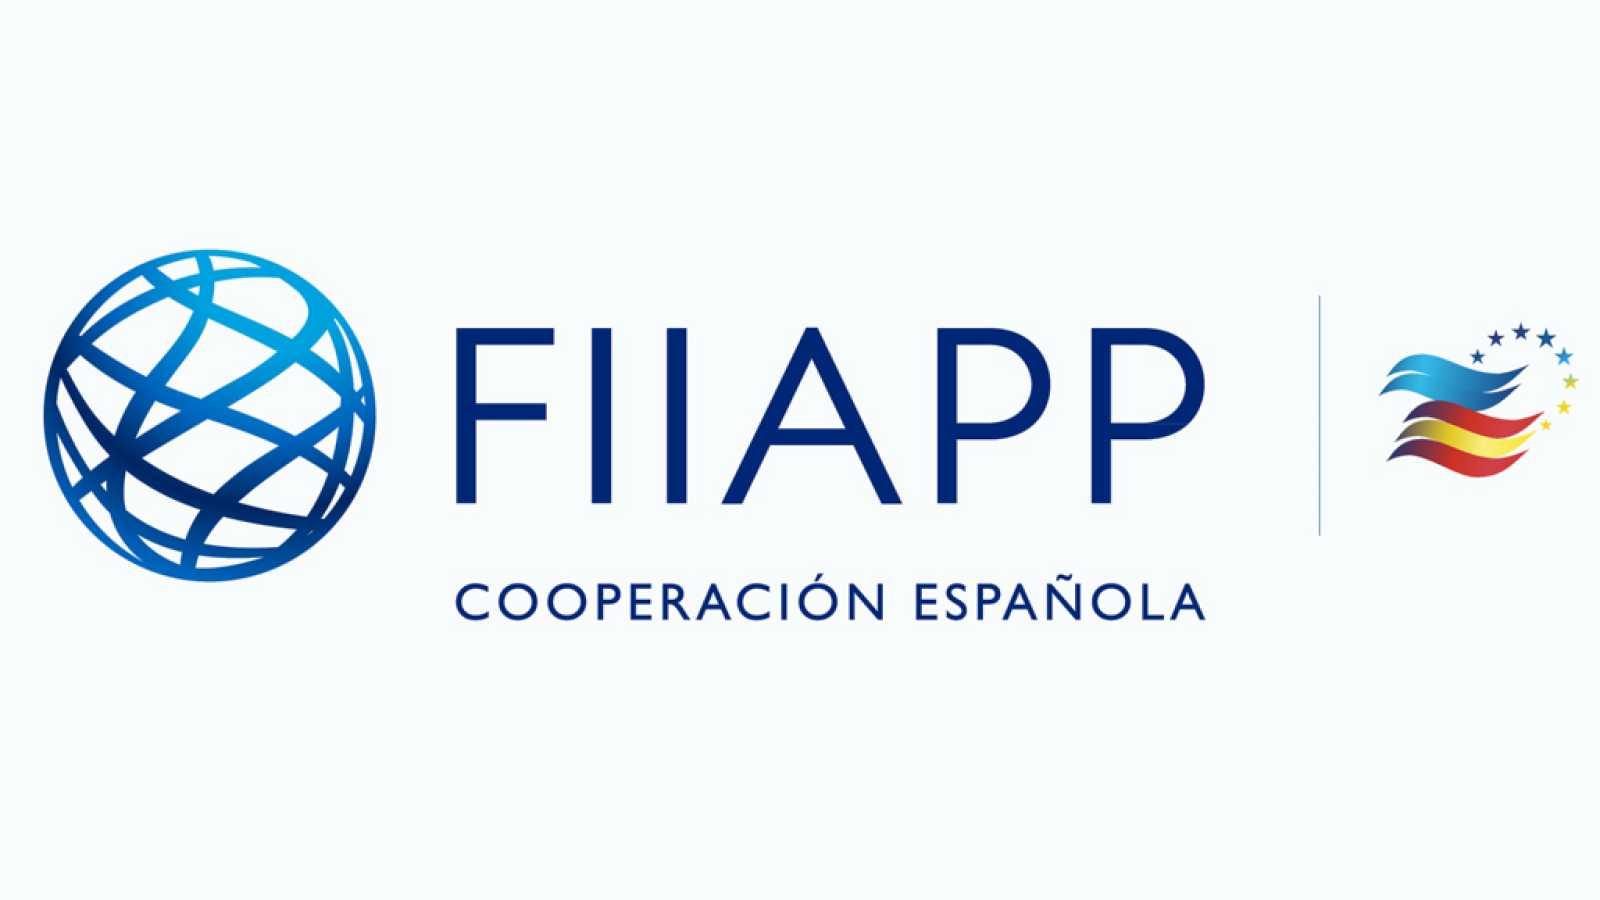 Cooperación pública en el mundo (FIIAPP) - ¿Qué es el ciberpatrullaje? - 01/07/20 - escuchar ahora